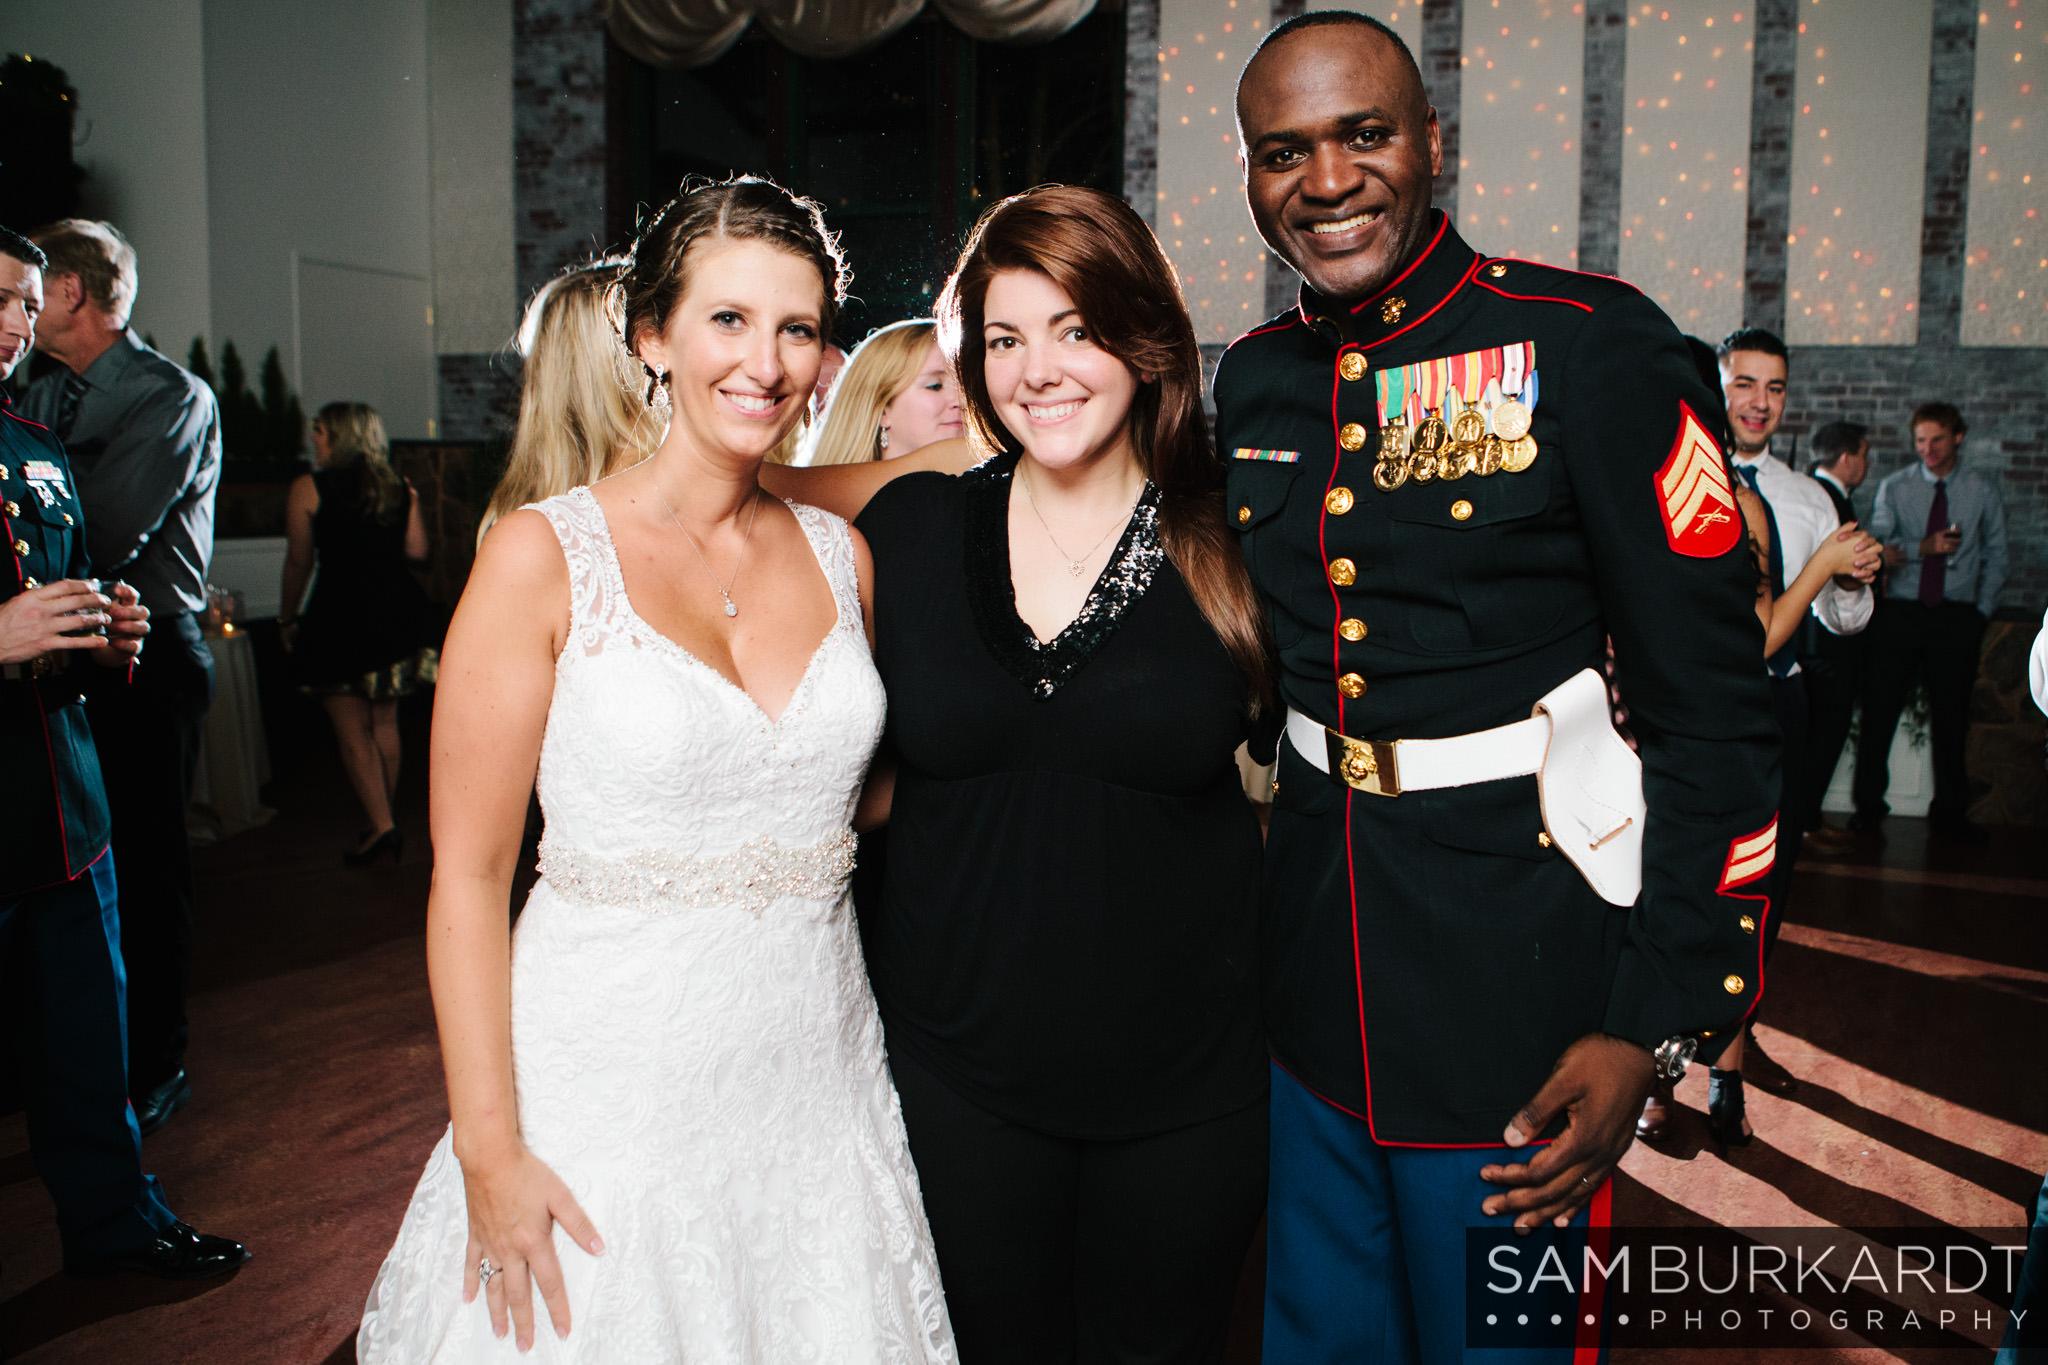 samburkardt_pond_house_hartford_wedding_fall_0068.jpg